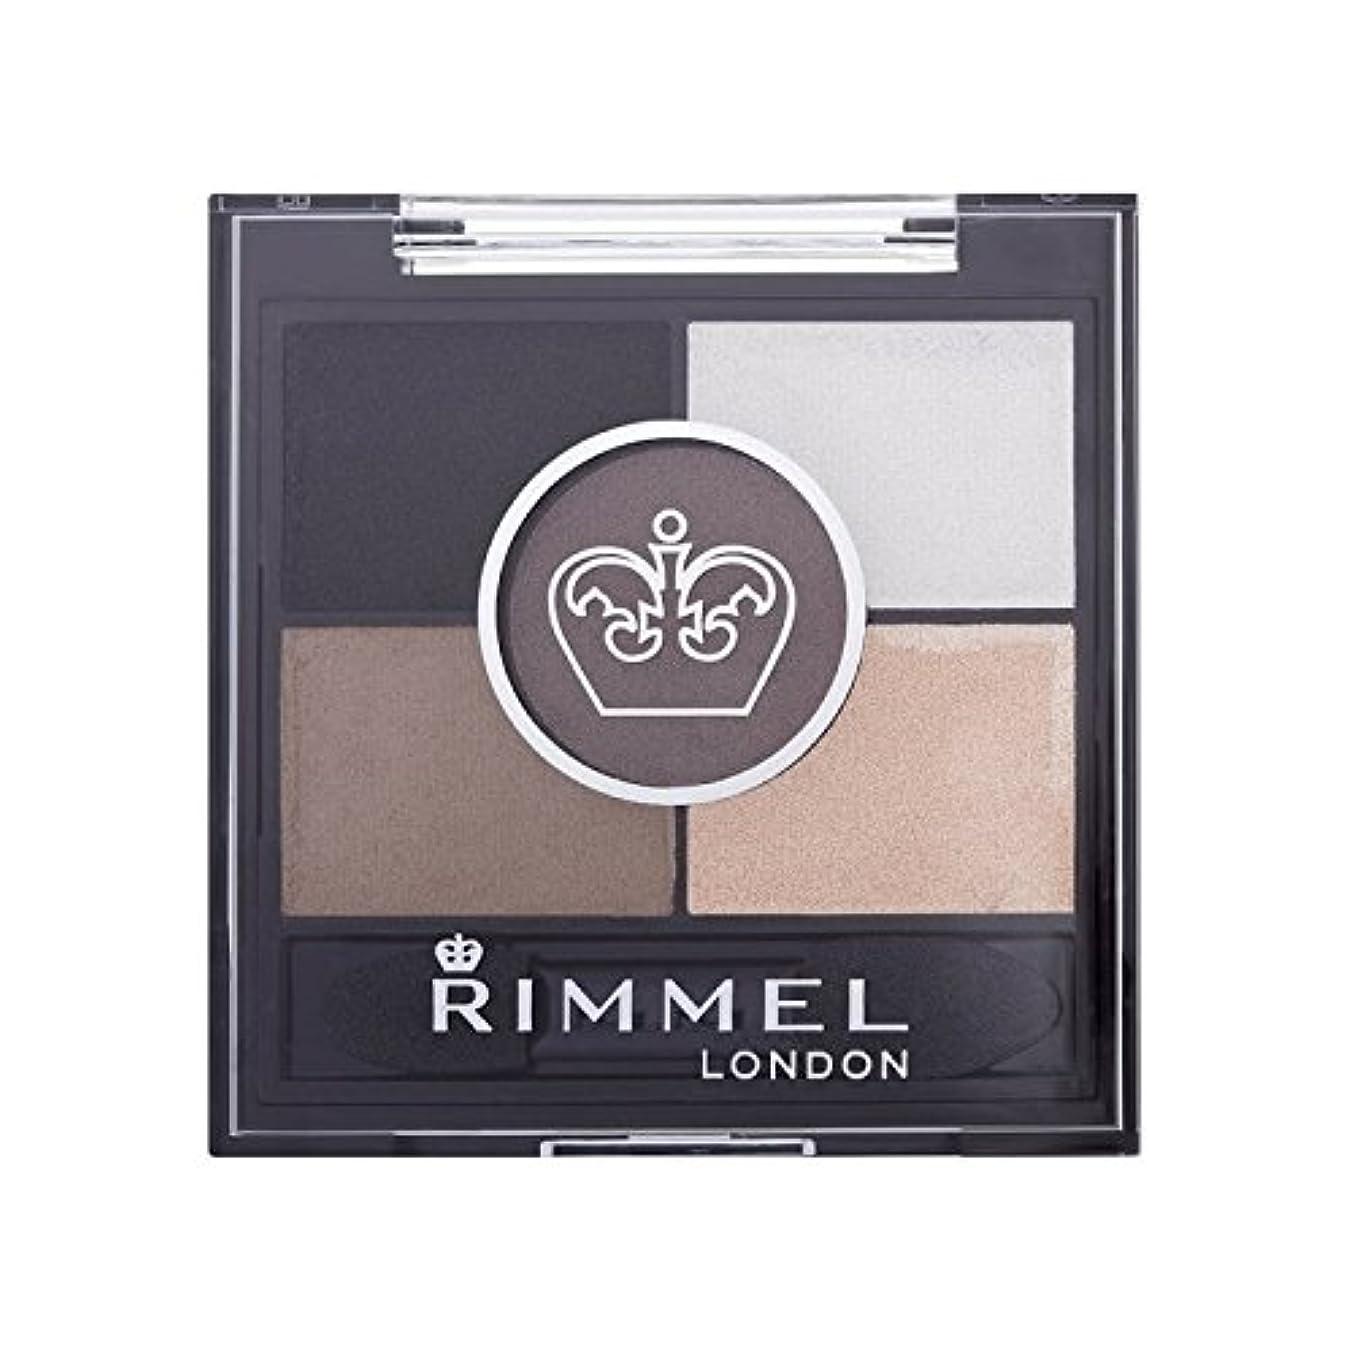 火炎電圧支店Rimmel 5 Pan Eyeshadow Foggy Grey (Pack of 6) - リンメル5パンアイシャドウ霧グレー x6 [並行輸入品]